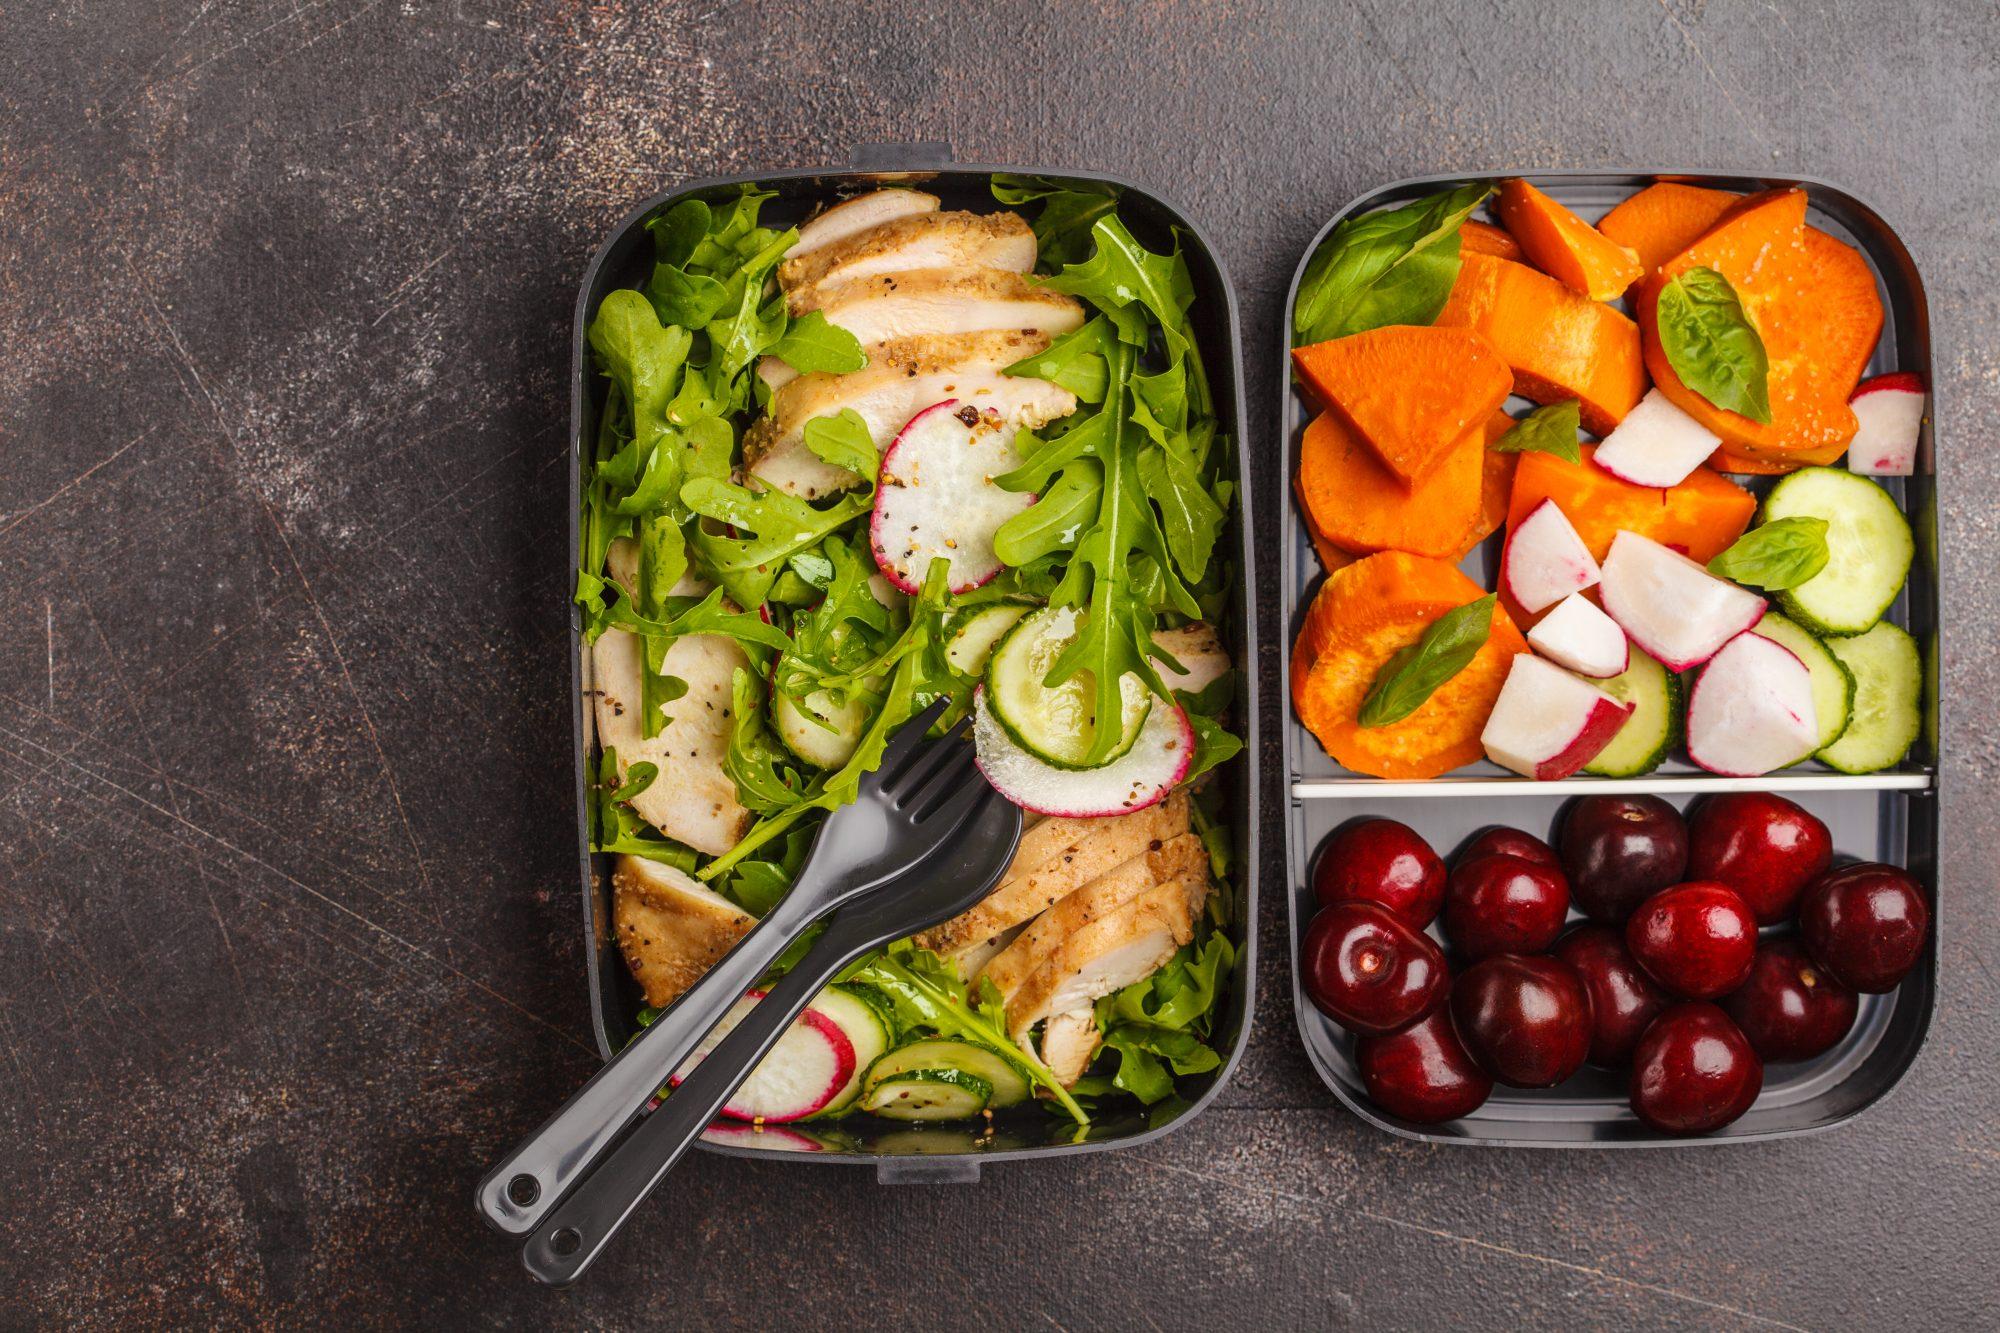 Marmita fit: 5 dicas para você cozinhar uma vez e comer saudável a semana inteira